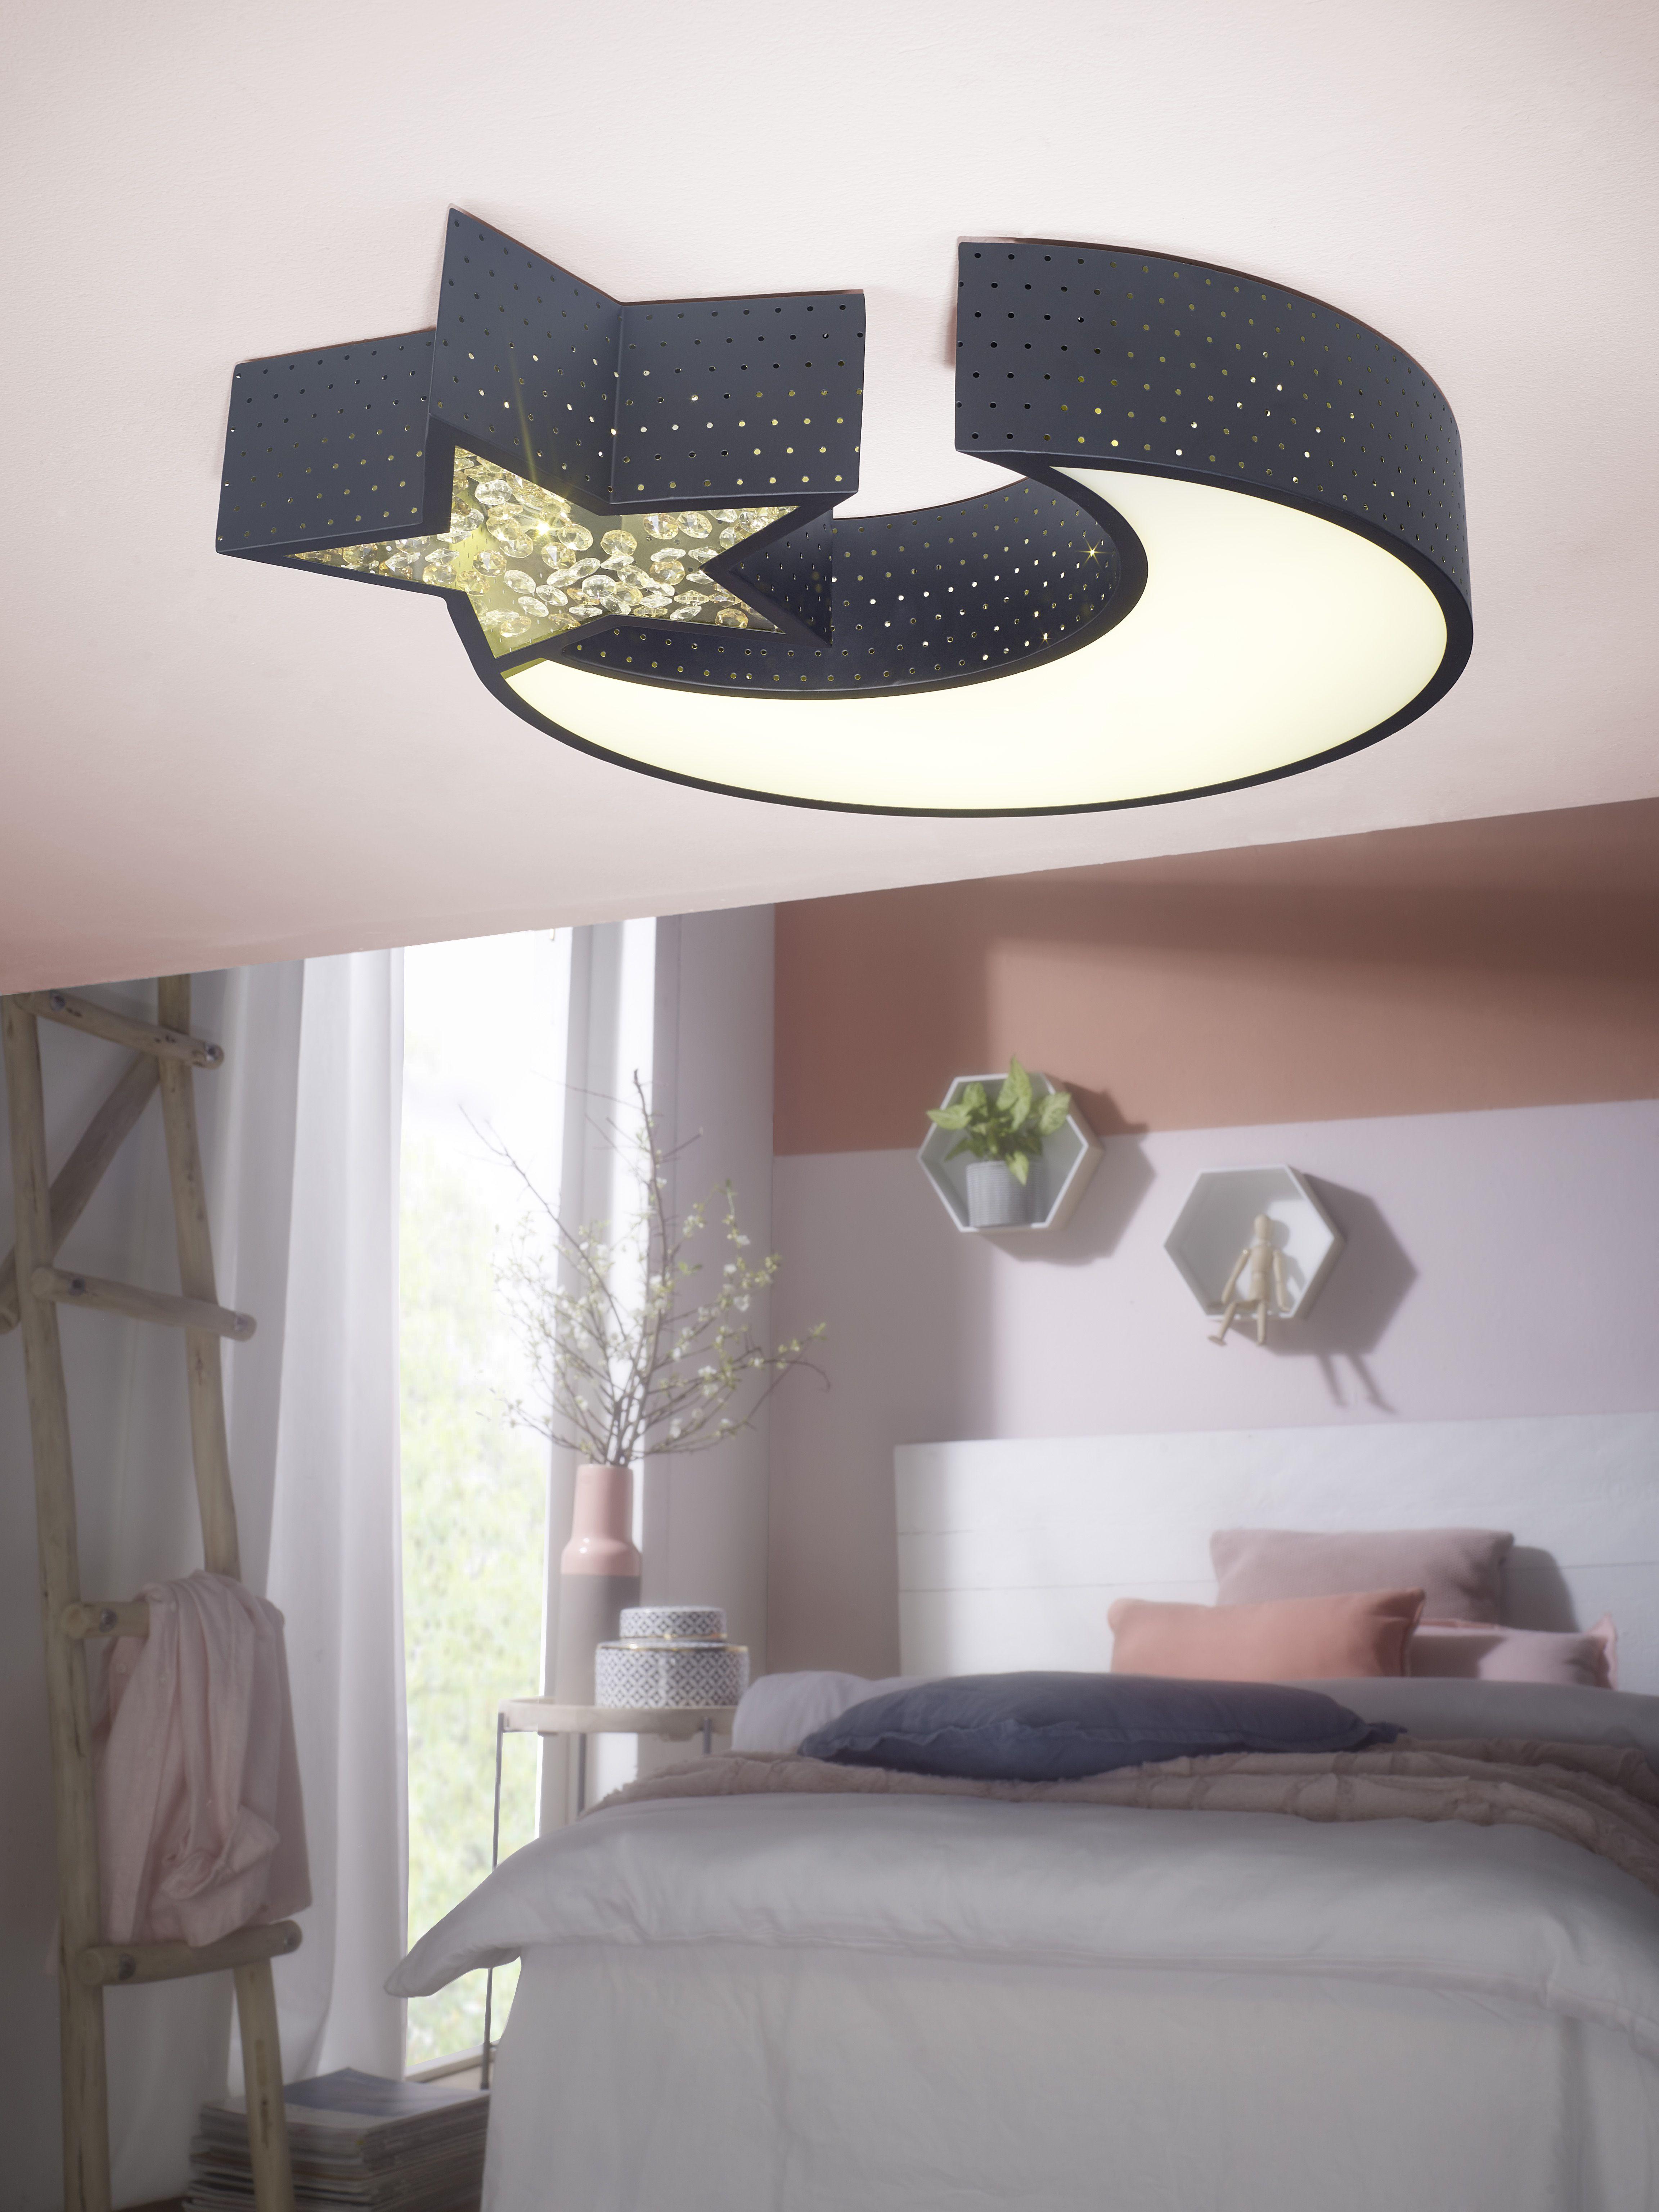 Mond /& Sterne Schlafzimmer Kronleuchter Lampe Beleuchtung Deckenleuchte